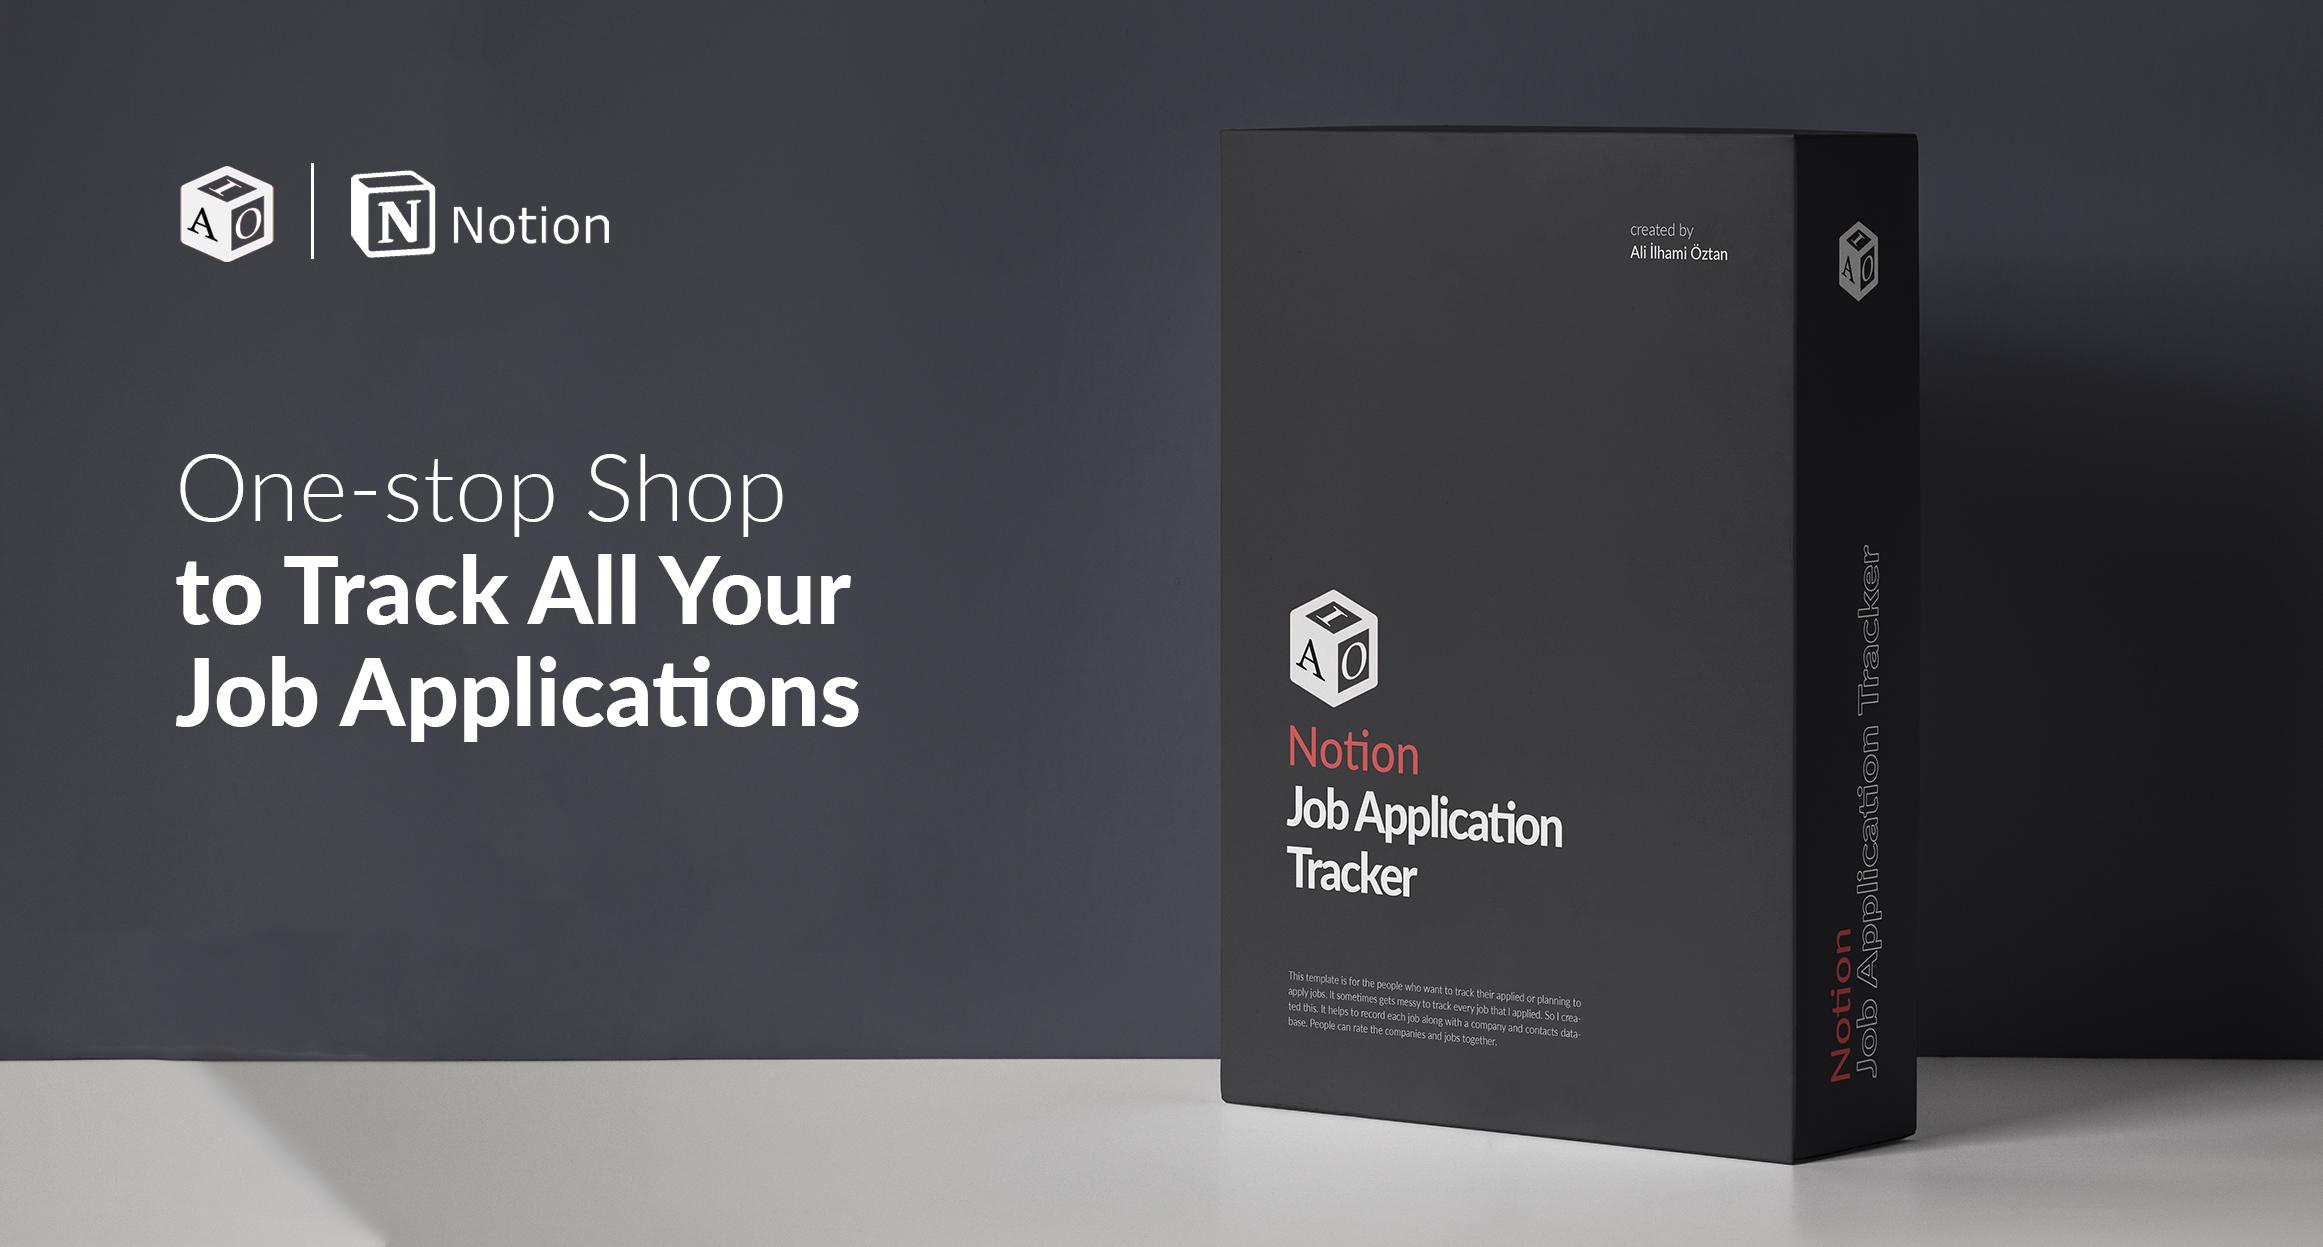 Notion Job Application Tracker